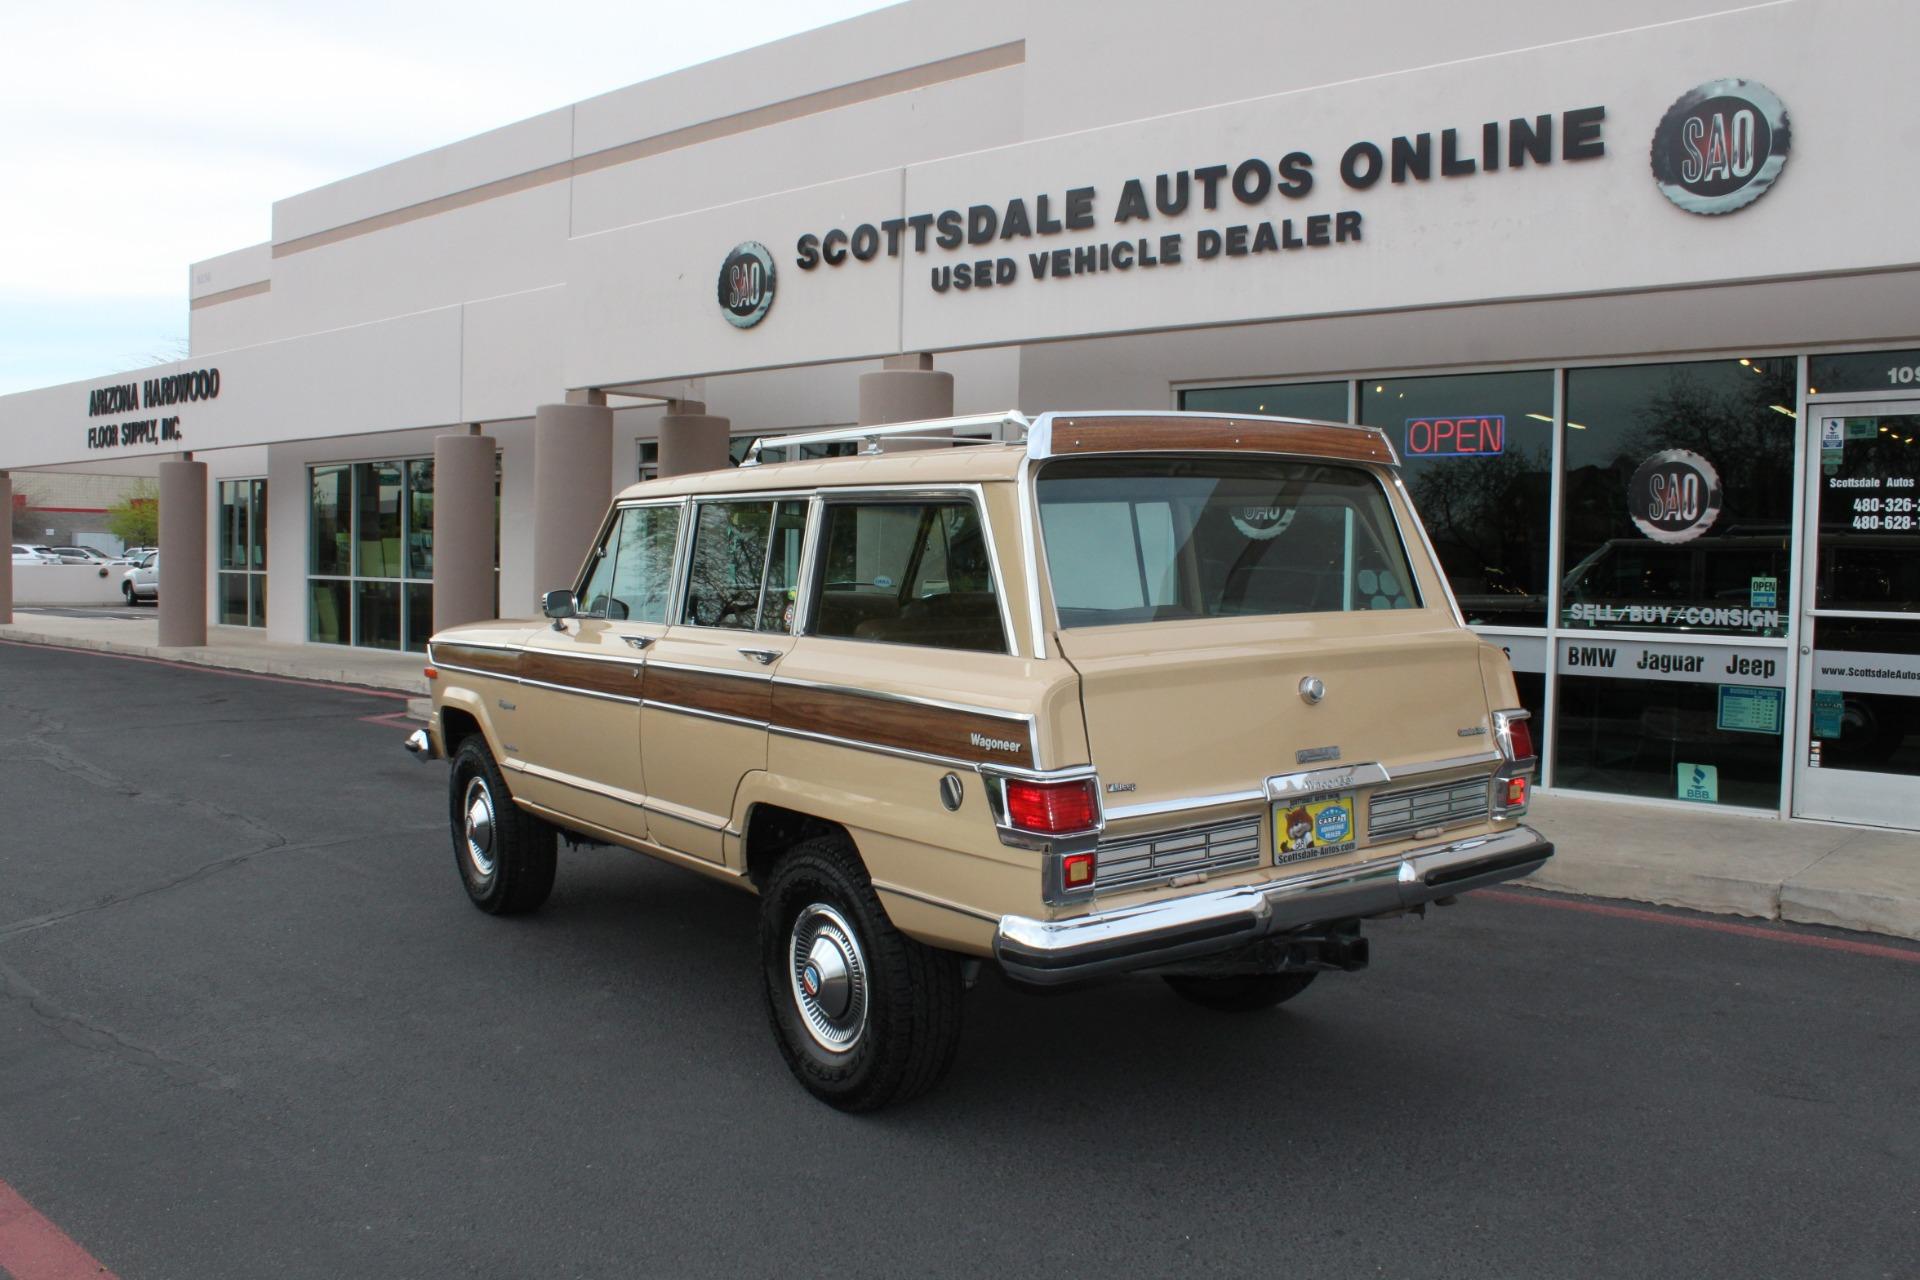 Used-1977-Jeep-Wagoneer-Brougham-Lexus